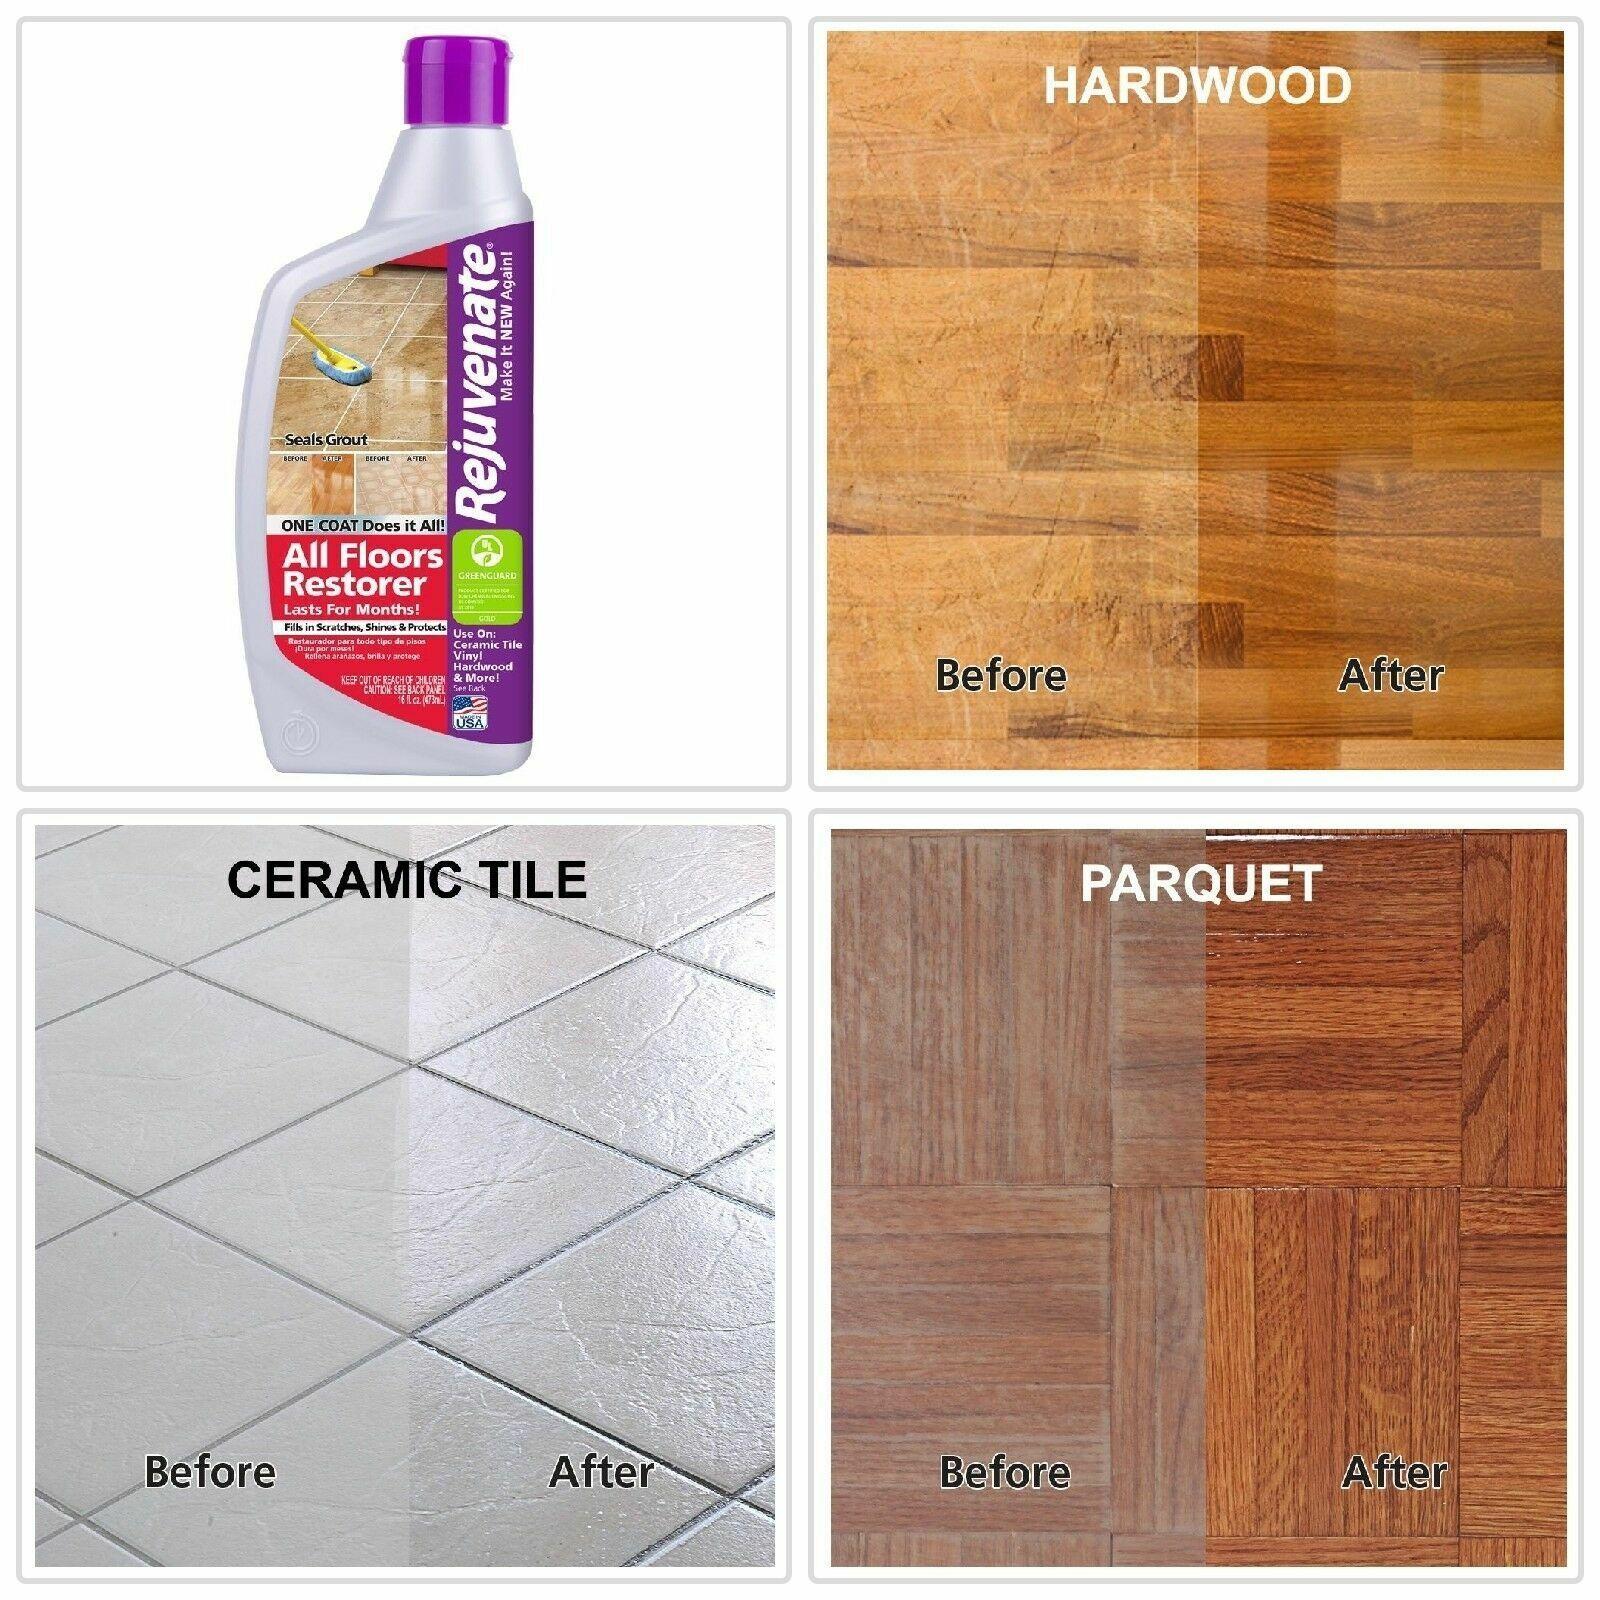 Rejuvenate All Floors Restorer For Sale Online Ebay